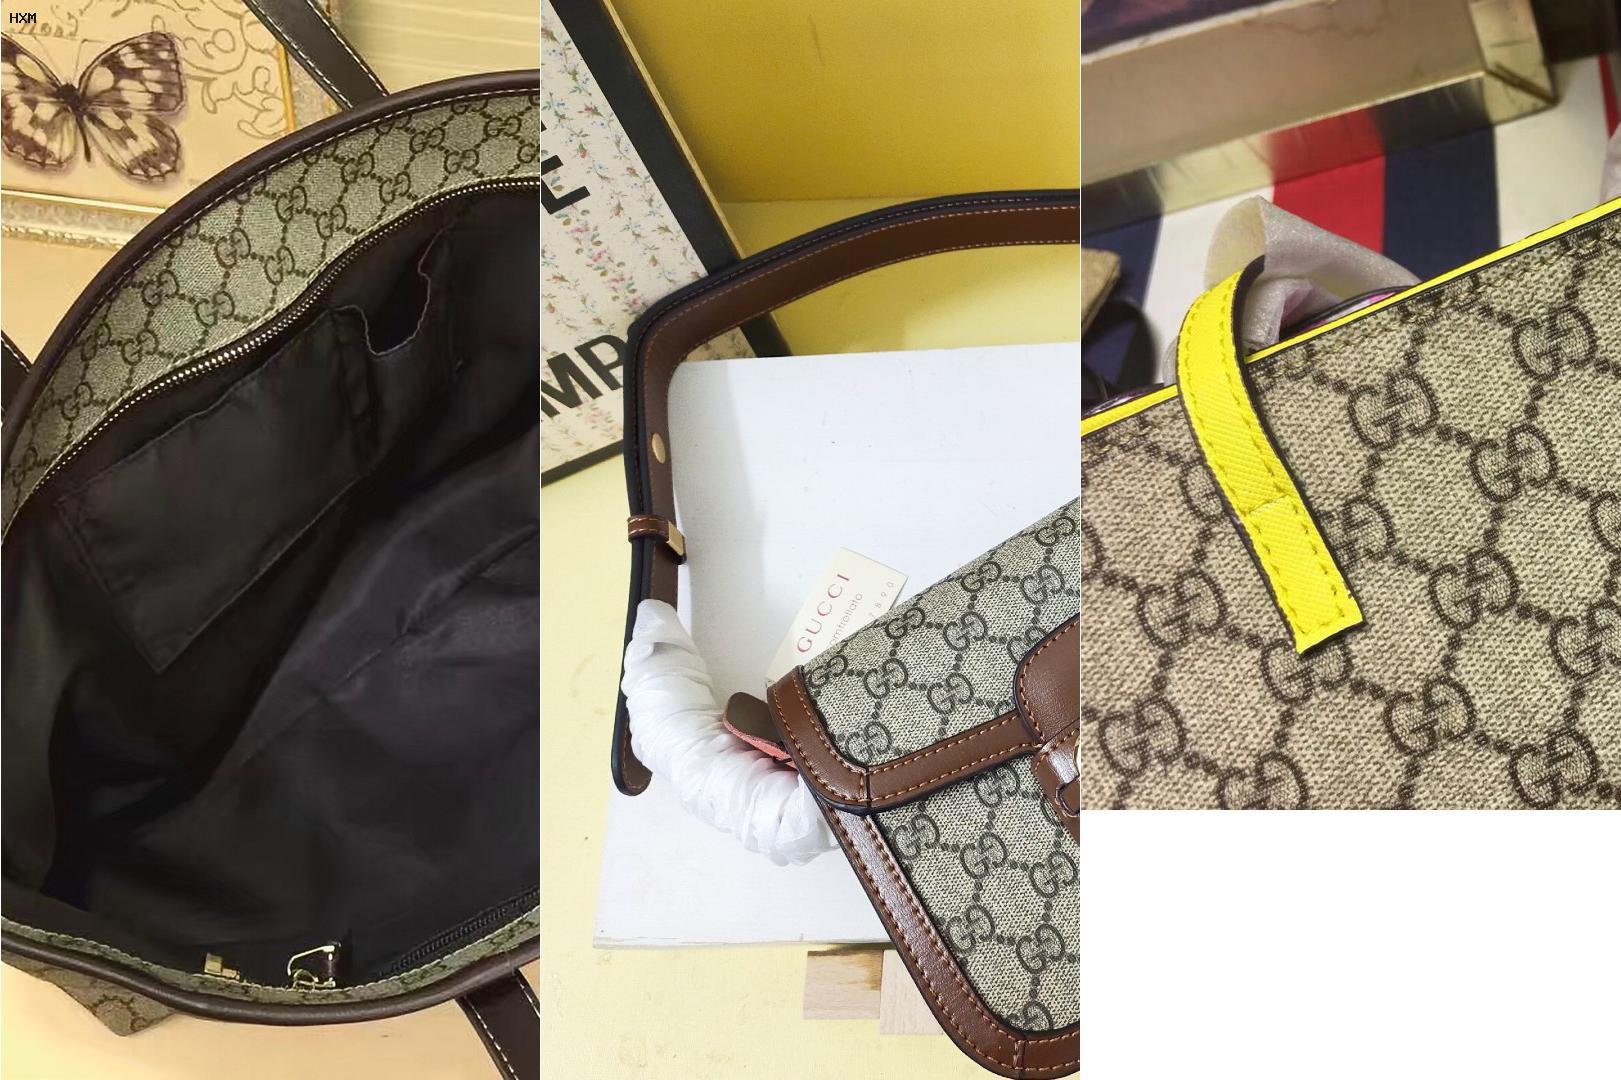 bolsa con cinturon gucci imitacion